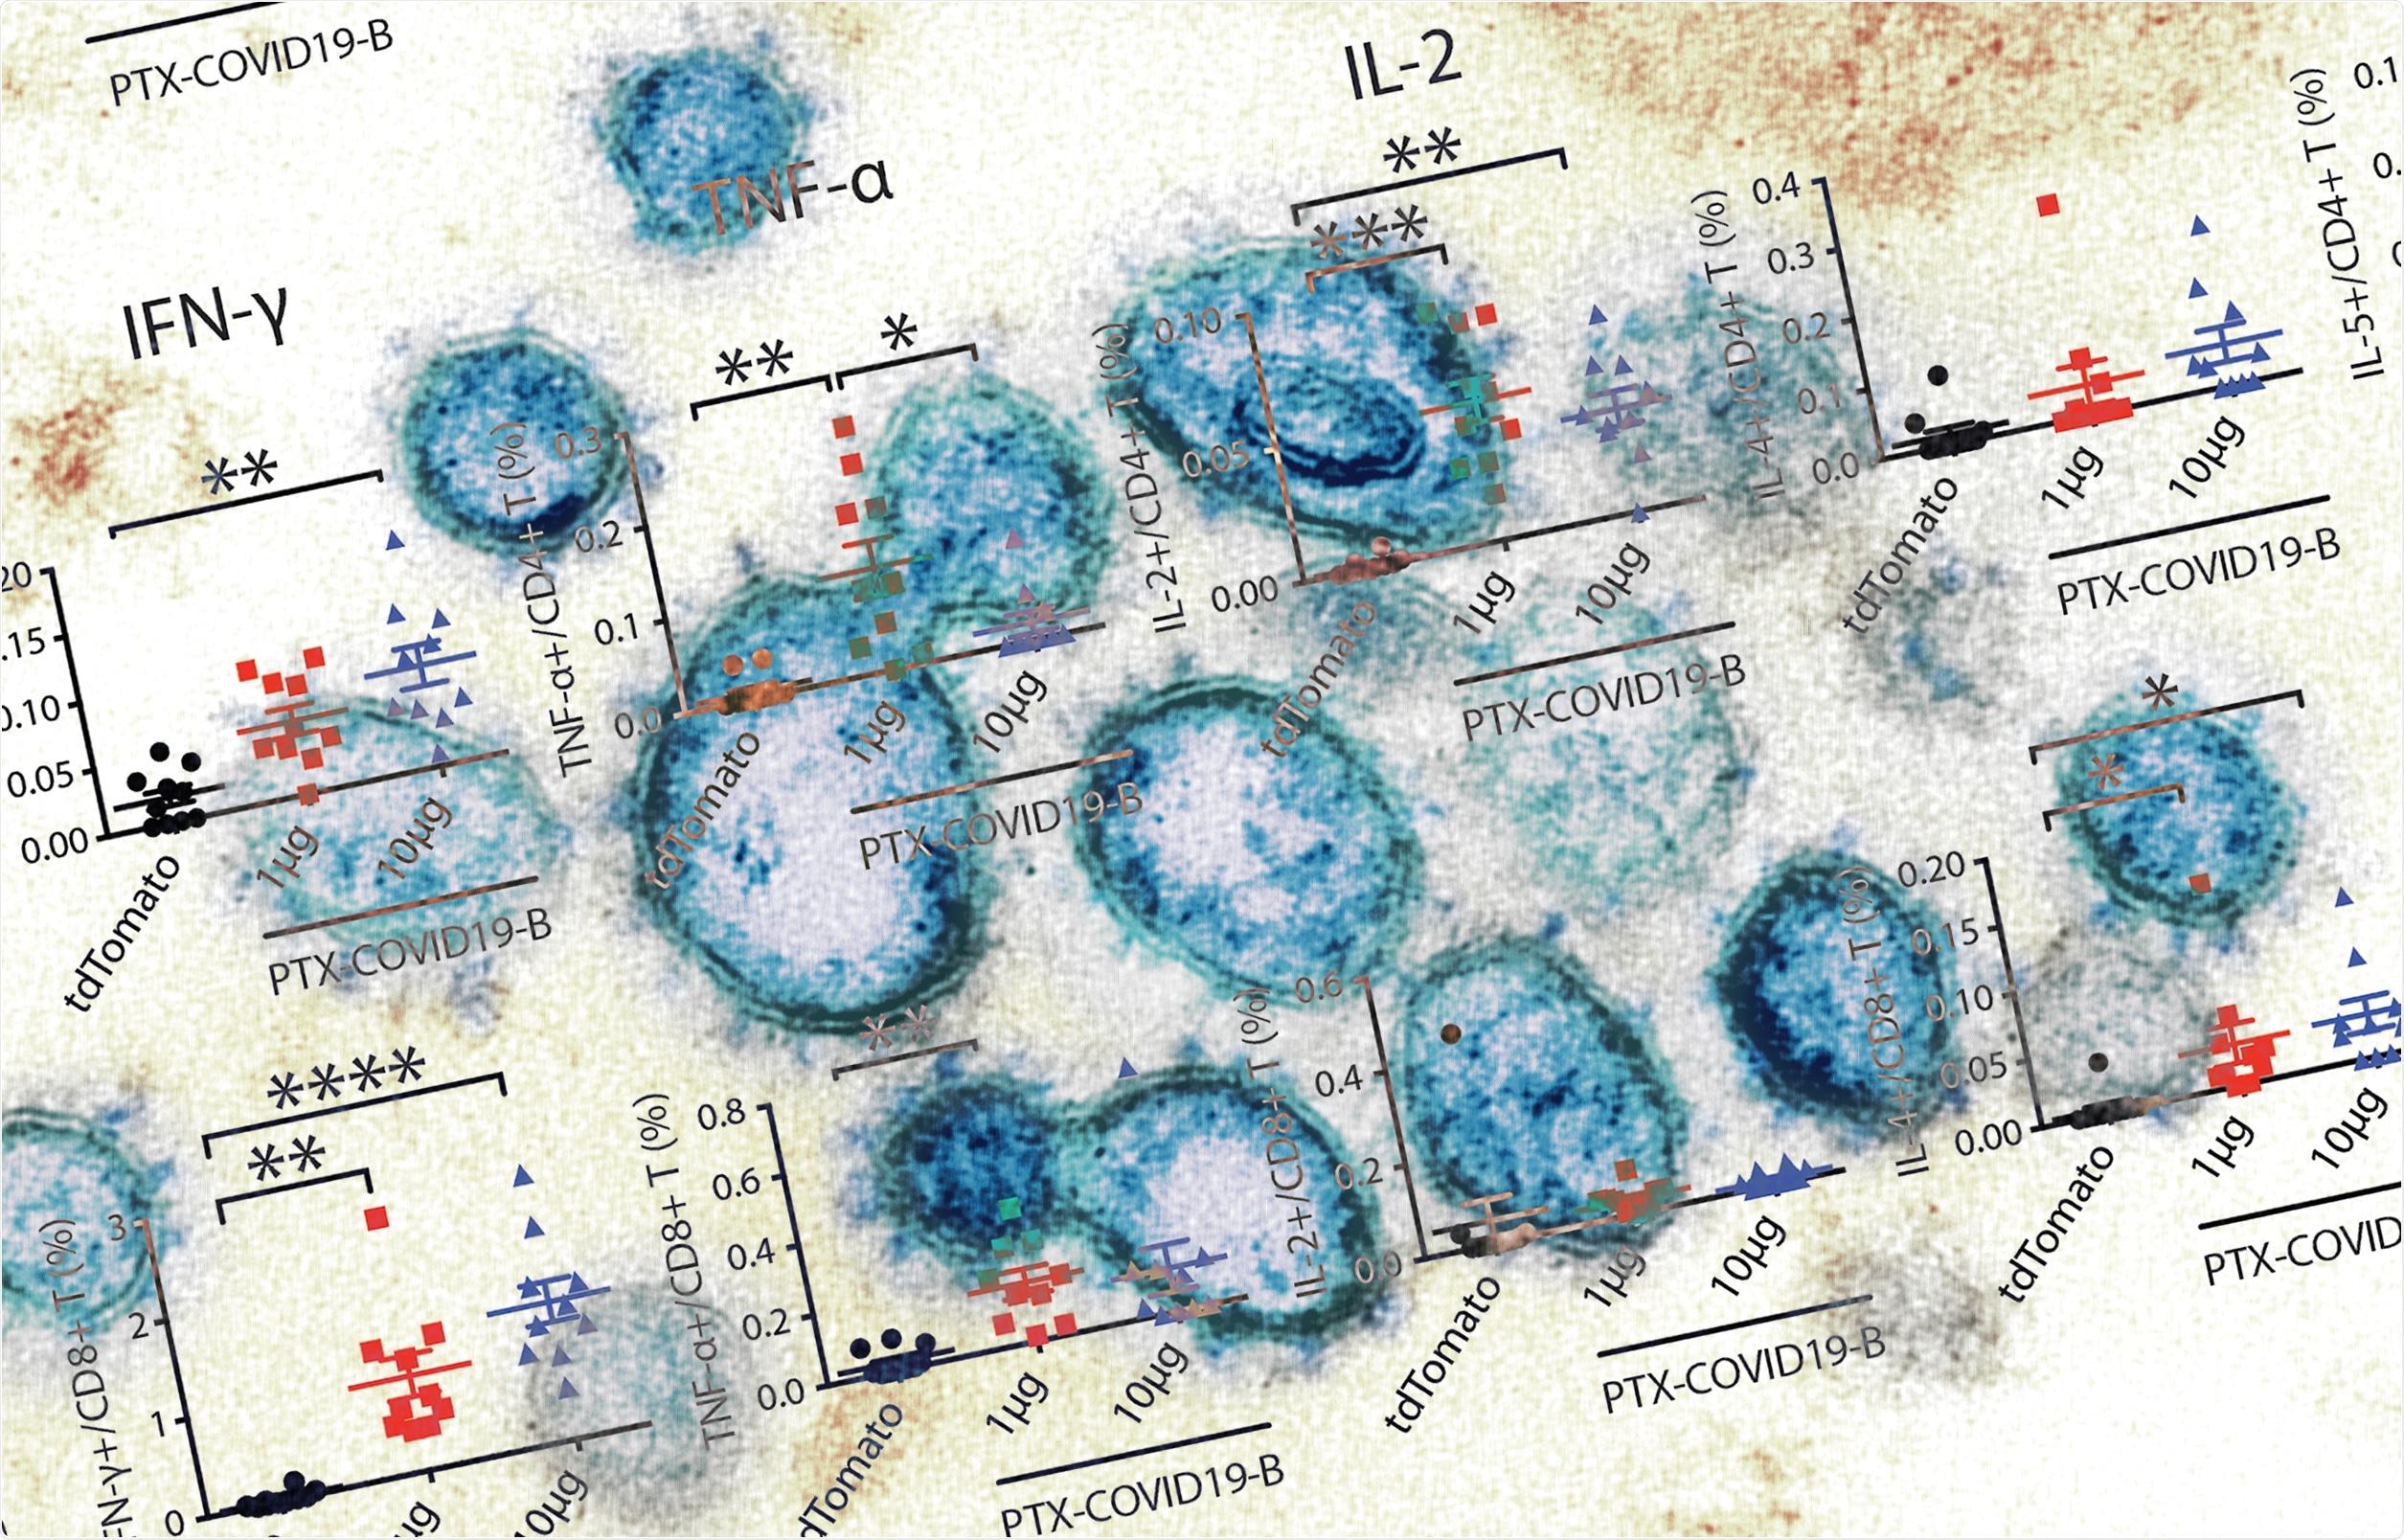 Study: Preclinical evaluation of a SARS-CoV-2 mRNA vaccine PTX-COVID19-B